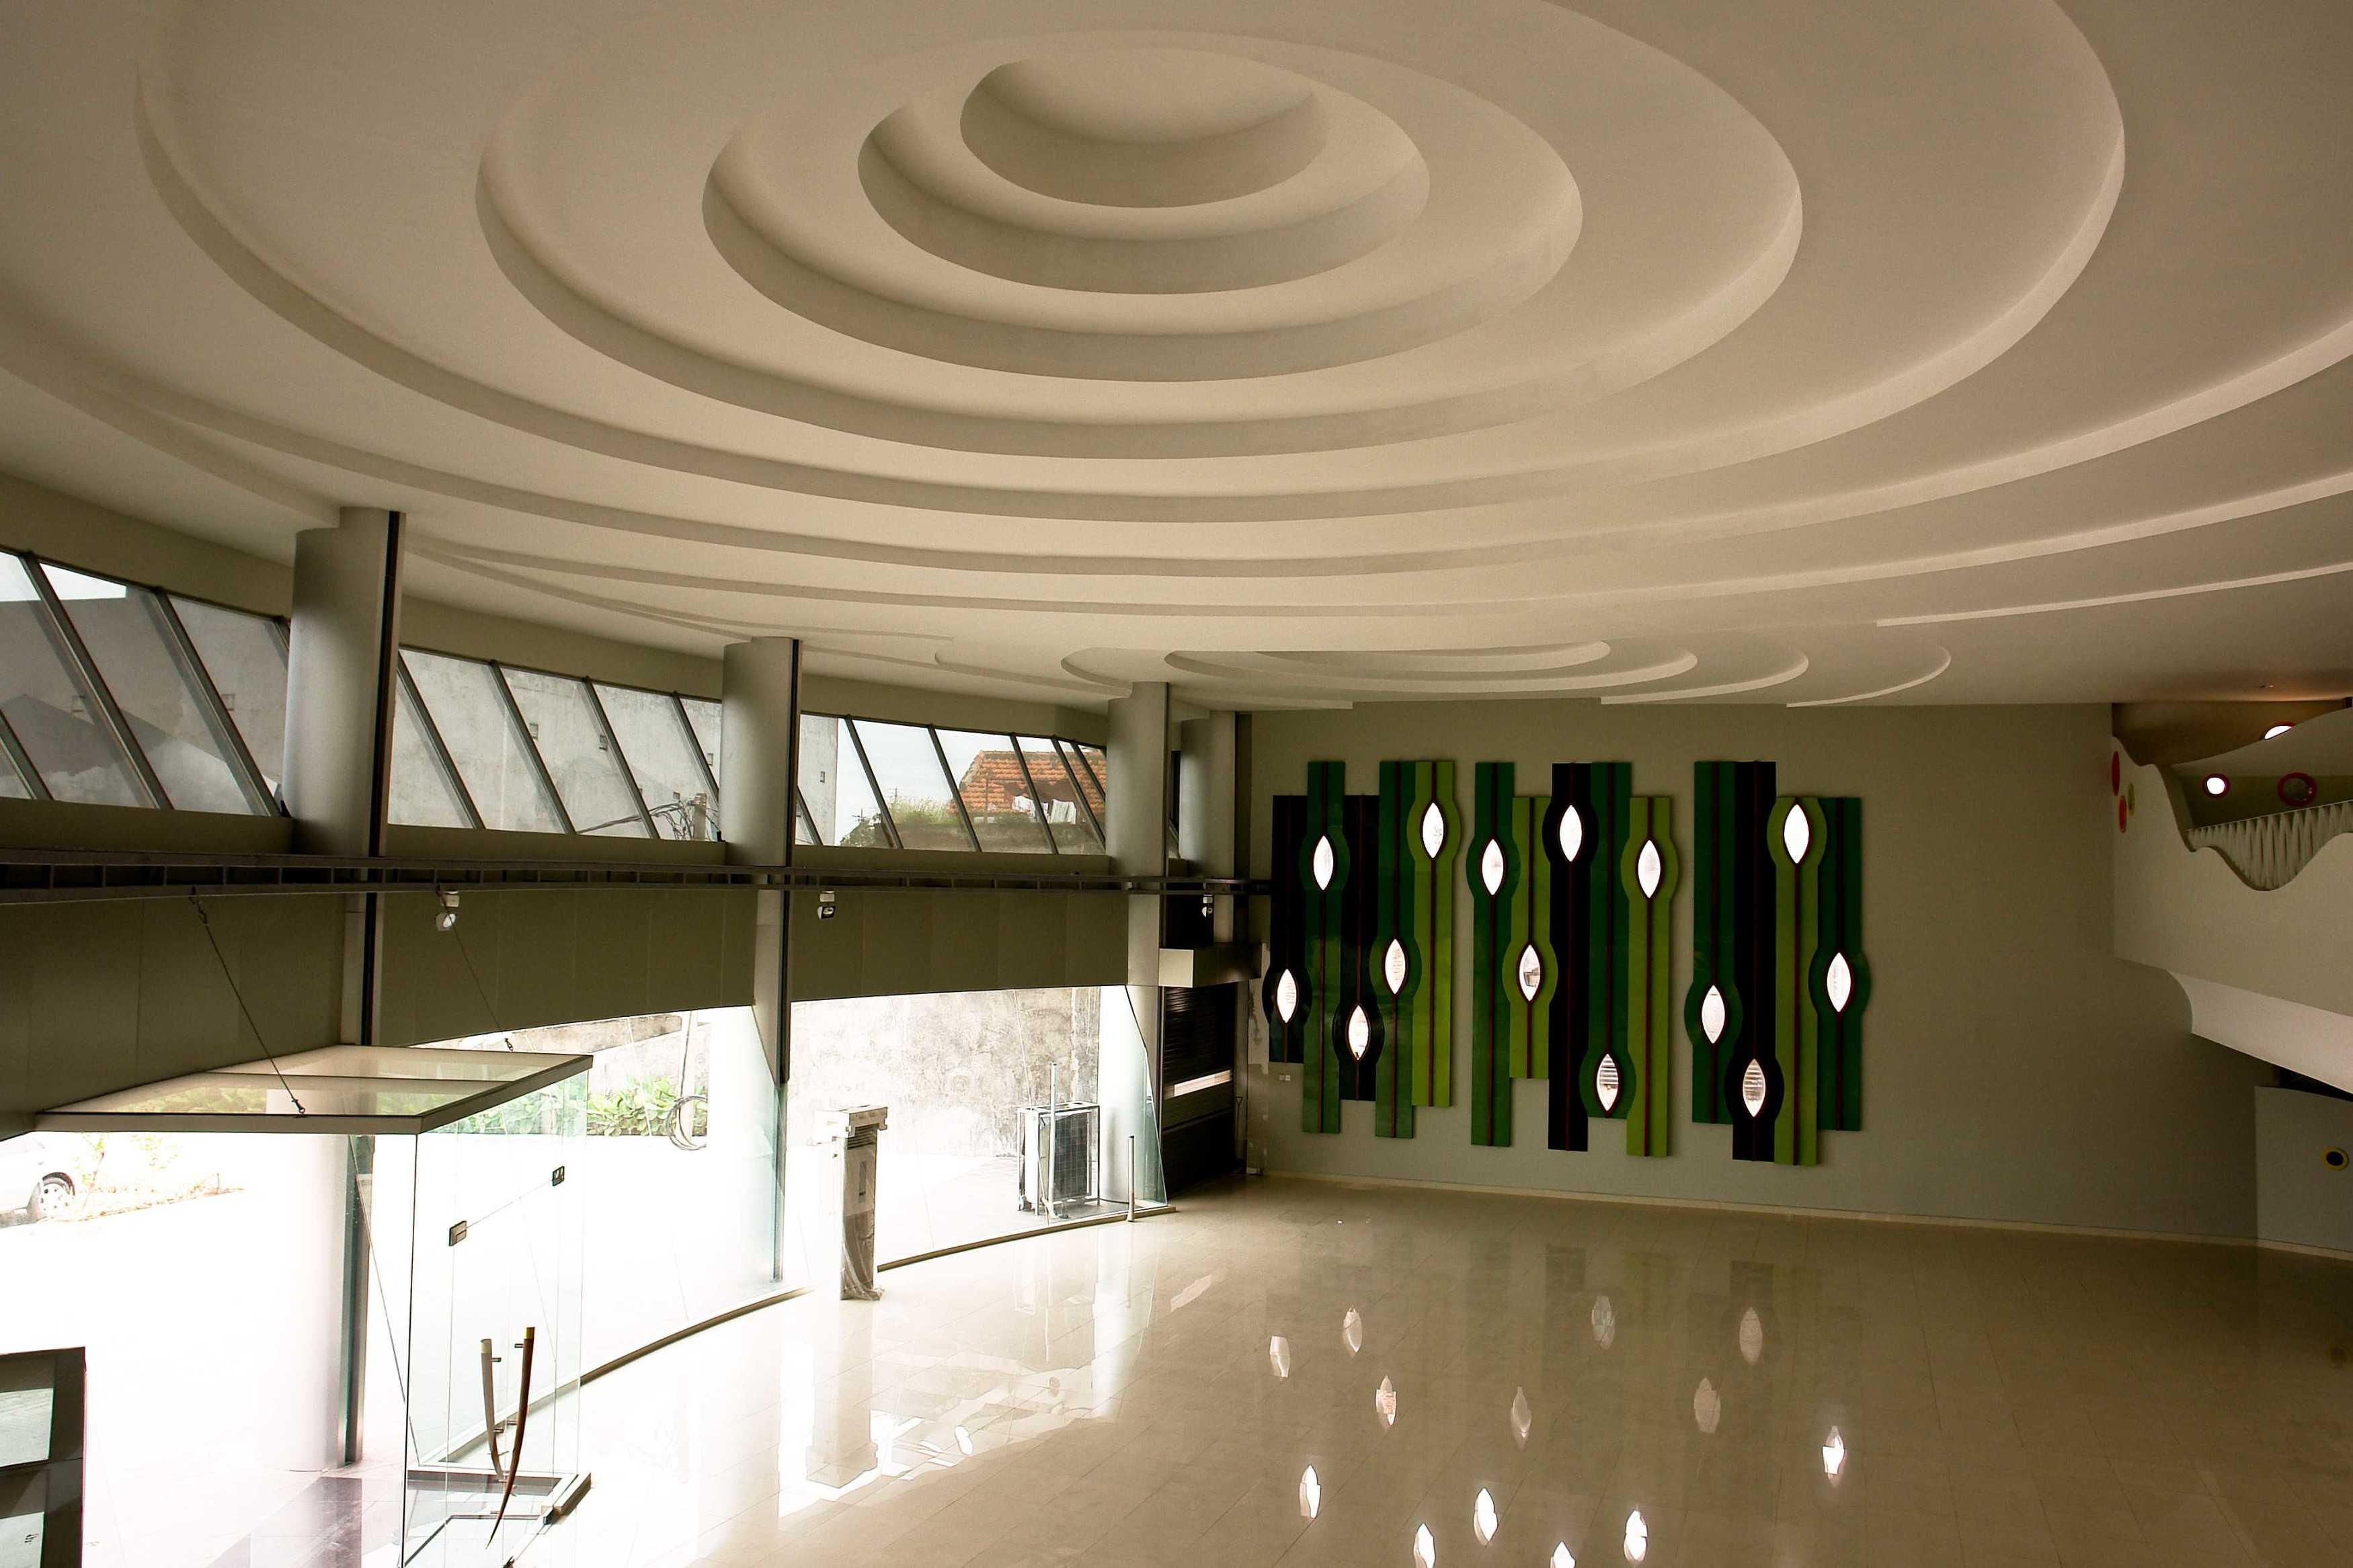 Im Design Associates Suzuki Showroom @ Cimanggis Kec. Cimanggis, Kota Depok, Jawa Barat, Indonesia Kec. Cimanggis, Kota Depok, Jawa Barat, Indonesia Im-Design-Associates-Suzuki-Showroom-Cimanggis   73057